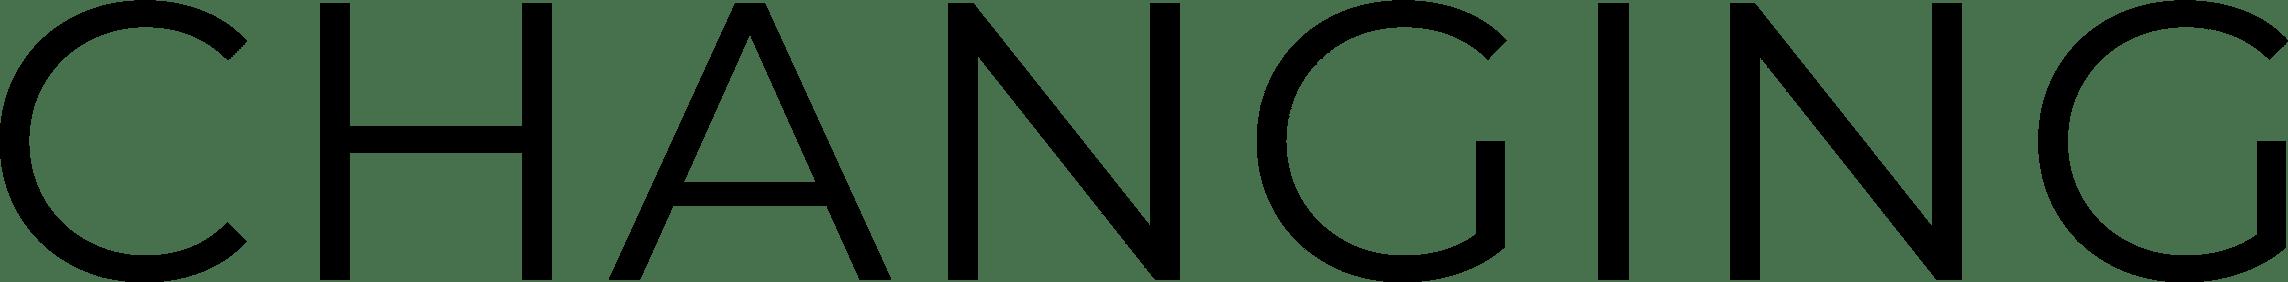 MAS_Changing_Perspective_Schriftzug_s-oben